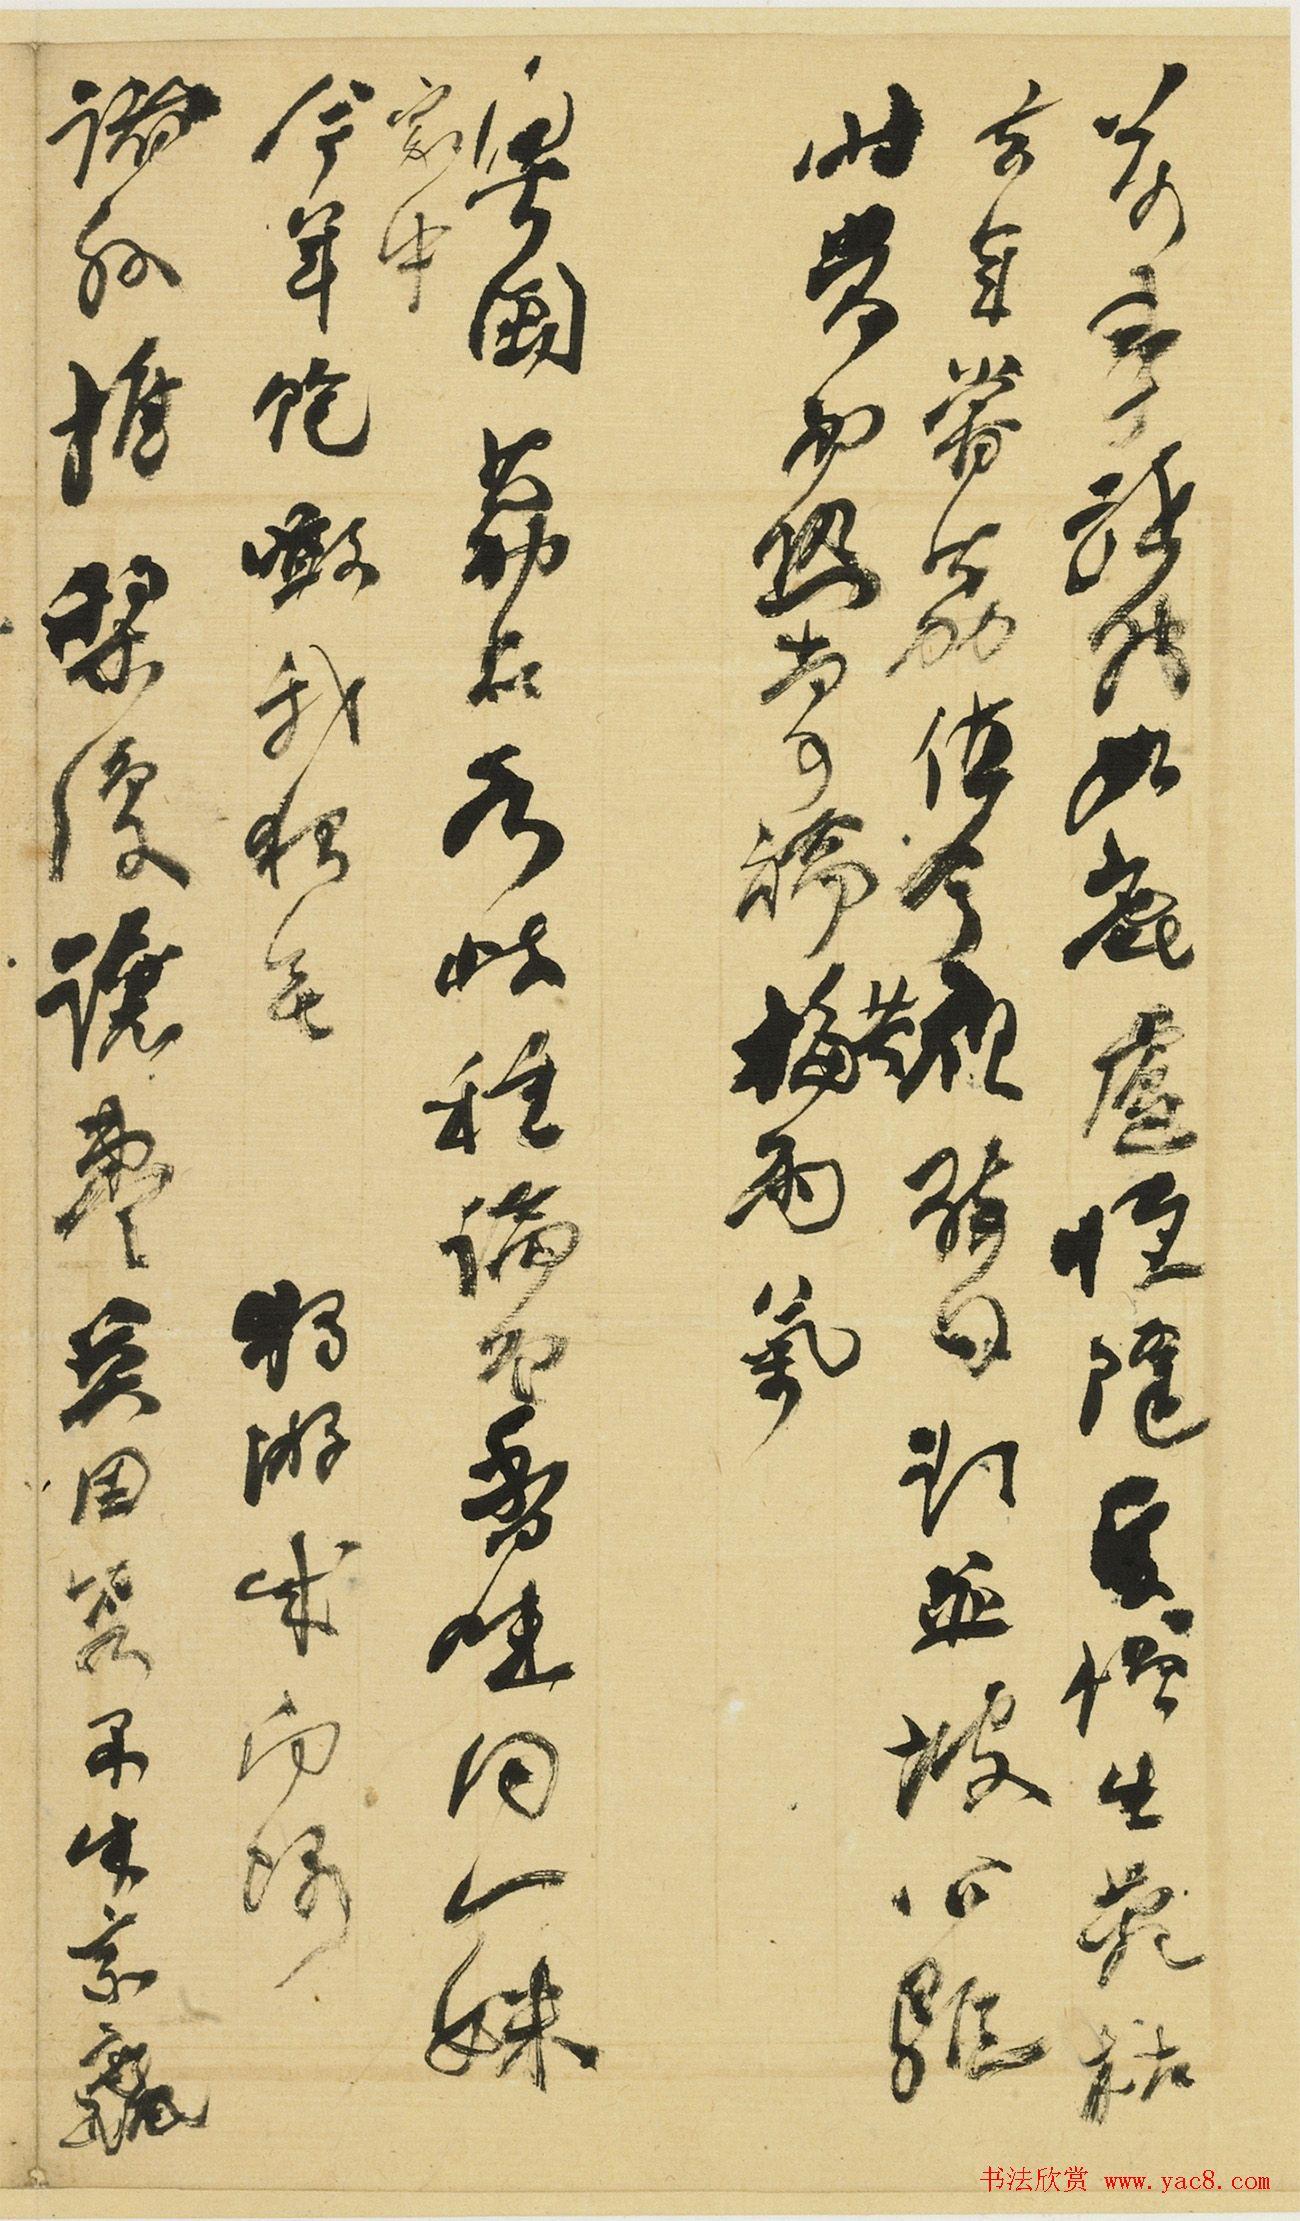 何绍基手稿《何道洲晚岁诗稿》册